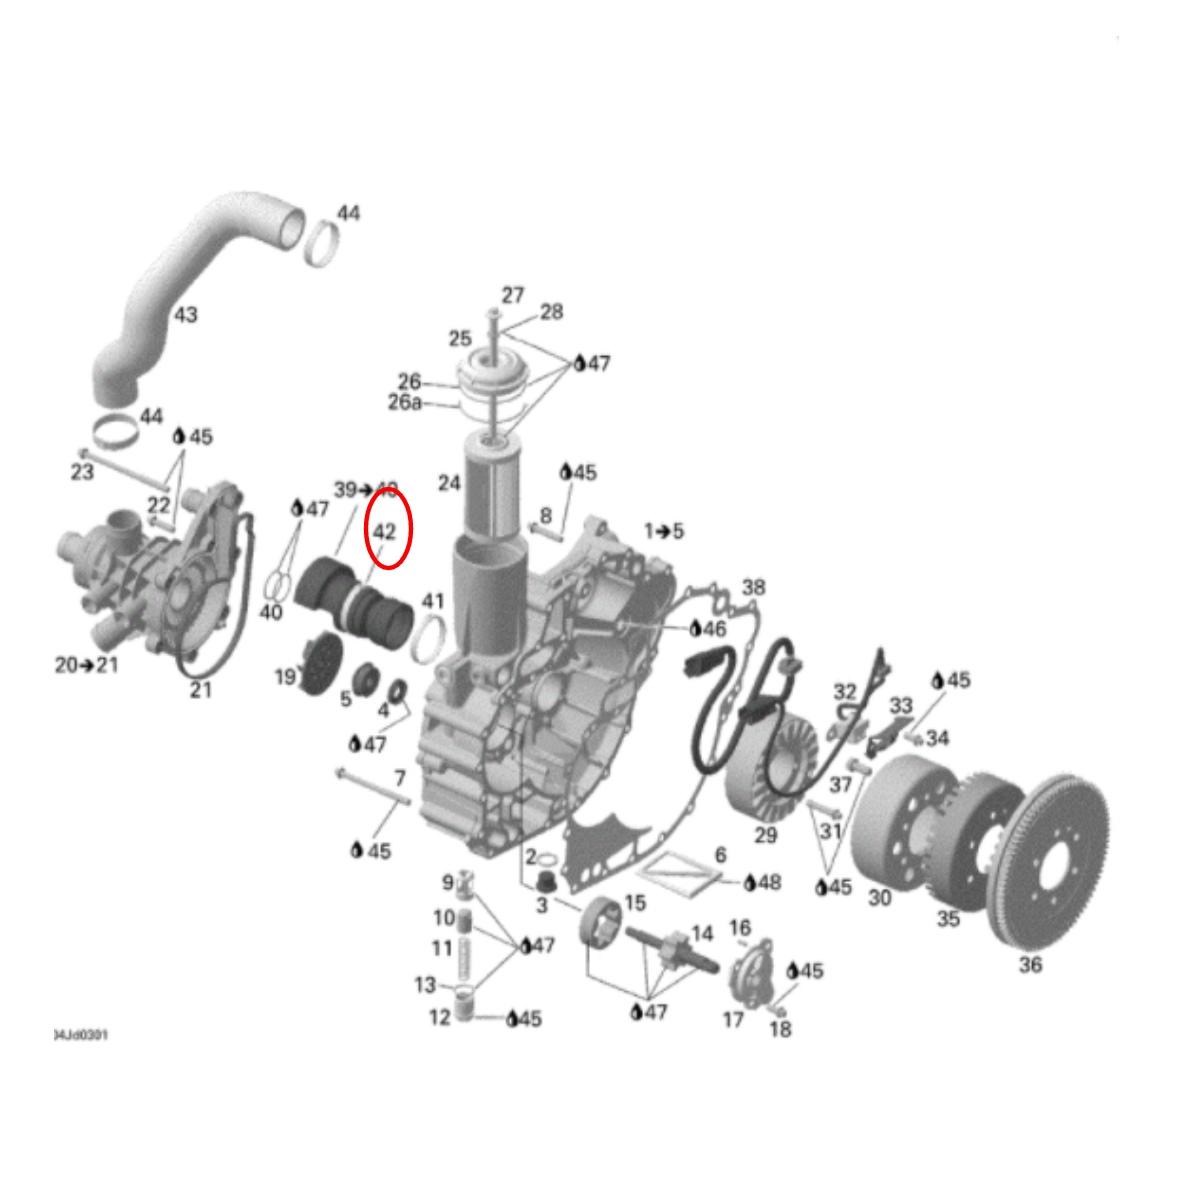 Abraçadeira inox Suporte Eixo Transmissão para Jet Ski Sea Doo 4 TEC  - Radical Peças - Peças para Jet Ski